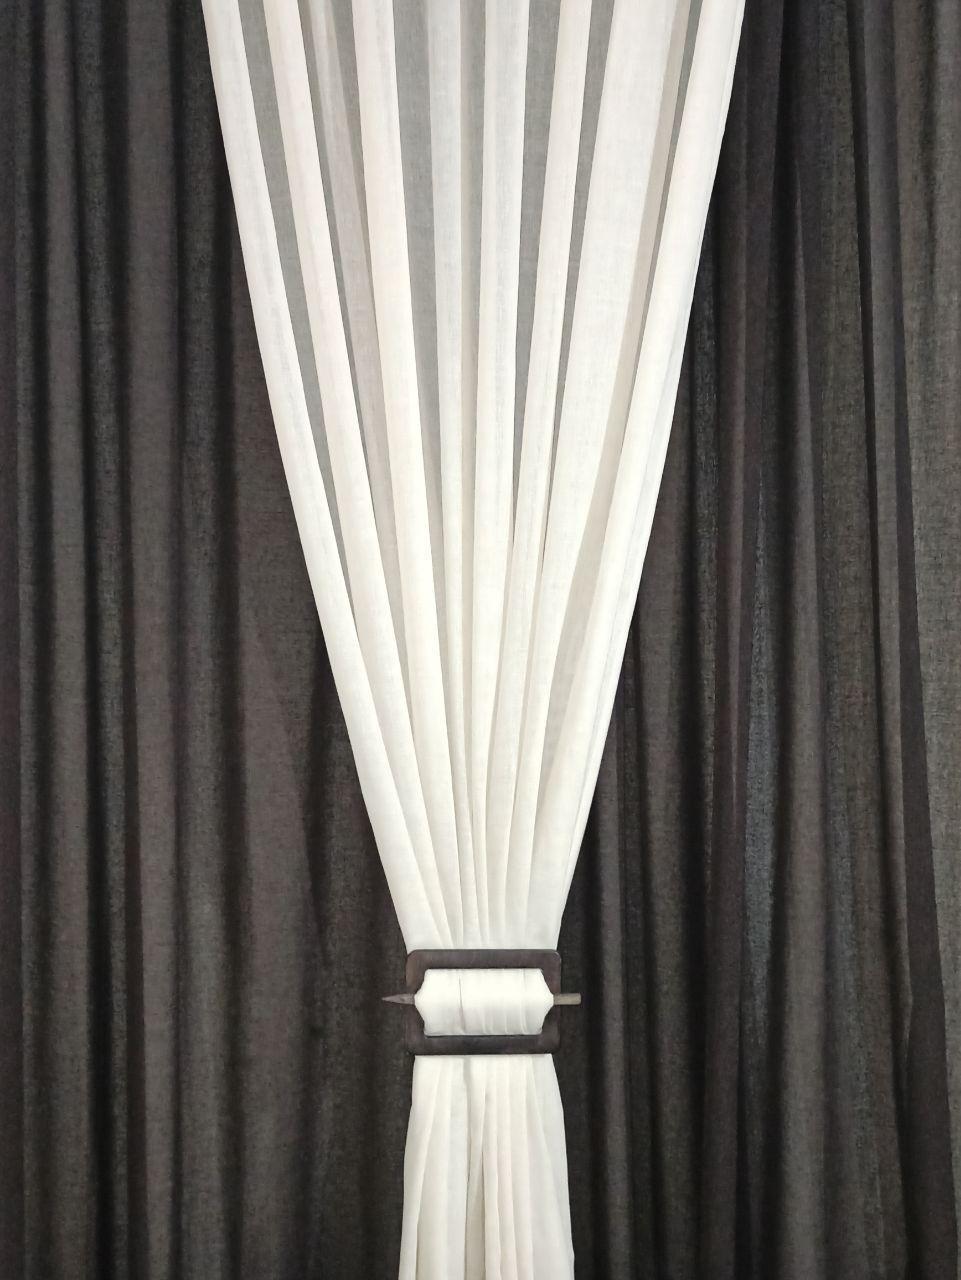 Заколка подхват для штор прямоугольная 160 * 110 мм цвет венге